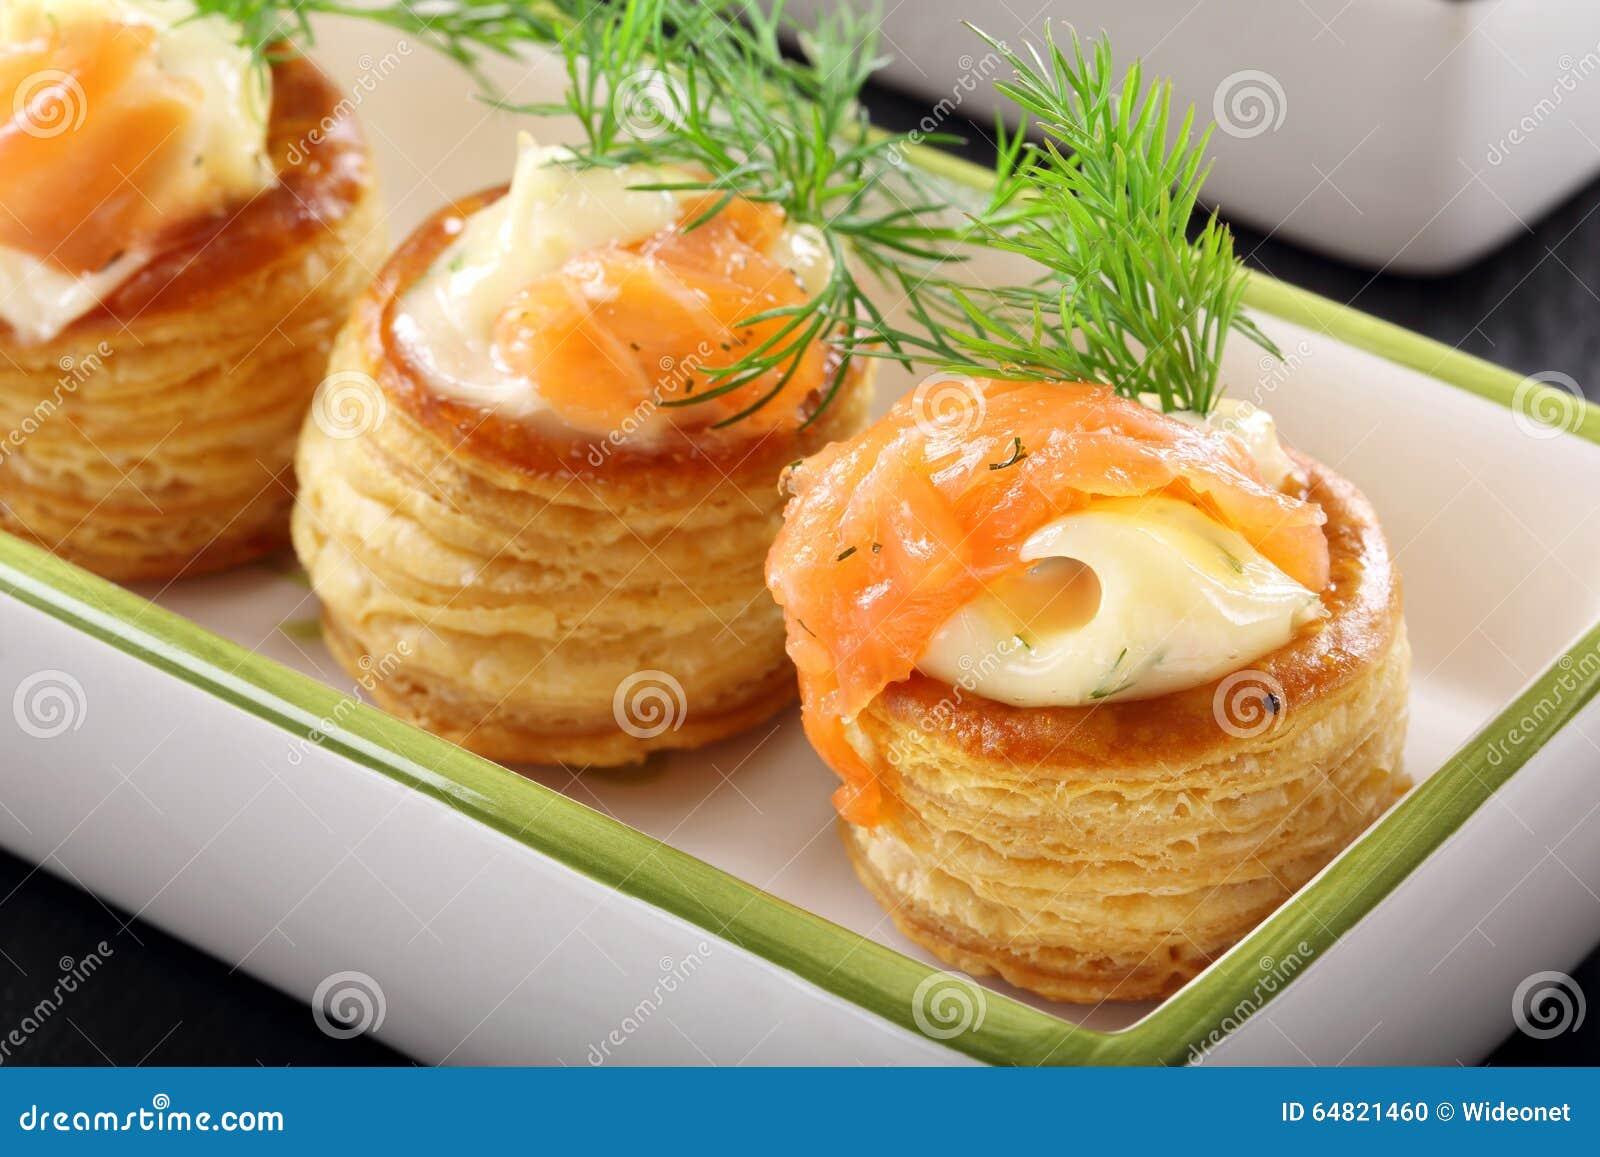 pâte feuilletée d'apéritif avec l'immersion d'aneth et saumons sur